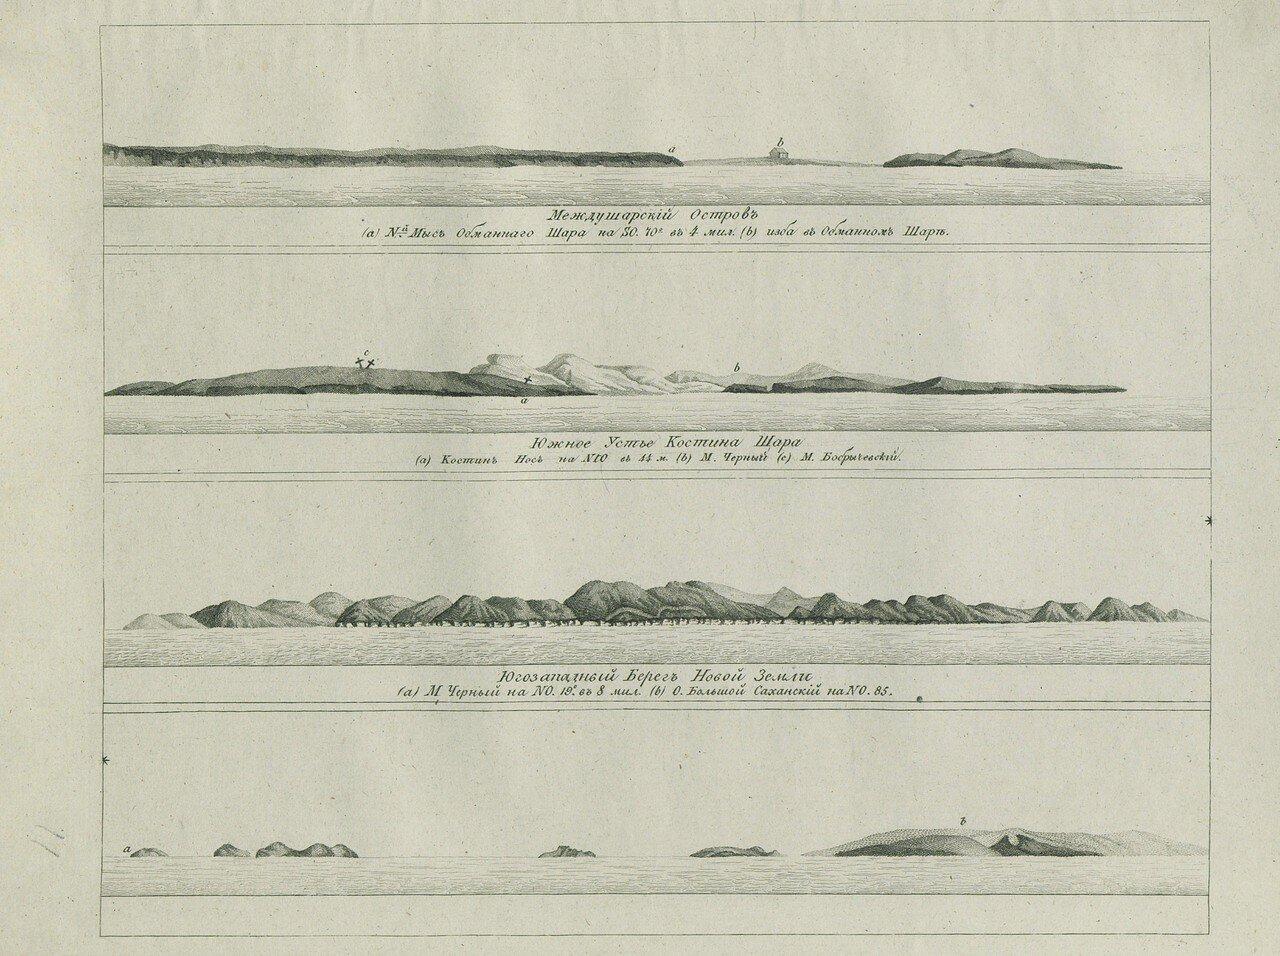 Междушарский остров. Южное устье Костина Шара. Юго-западный берег Новой Земли